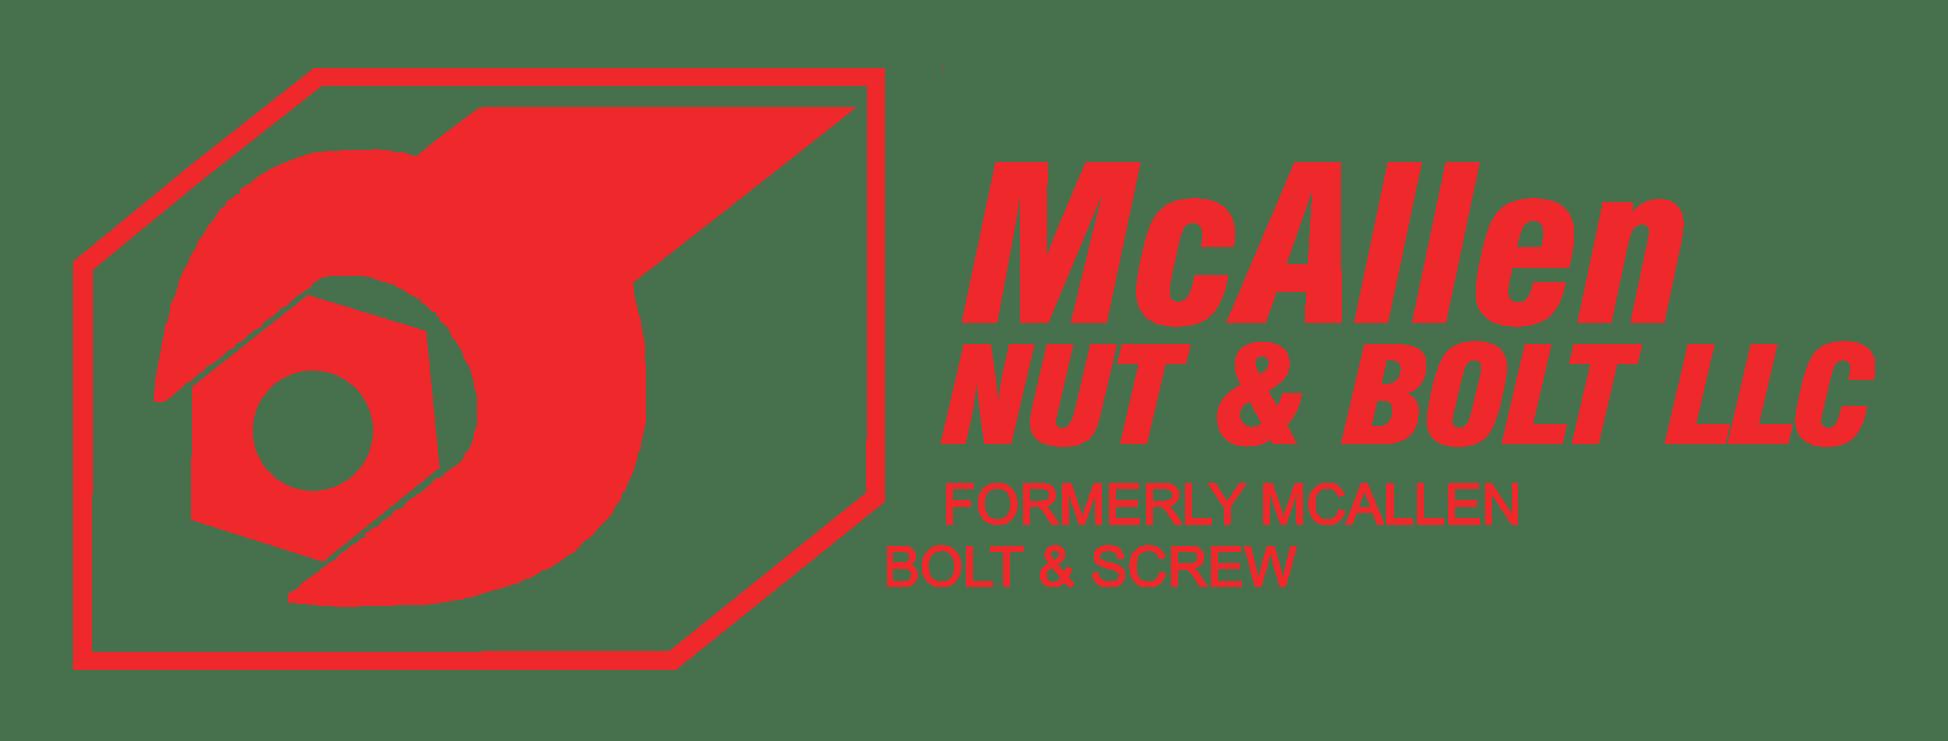 McAllen Nut & Bolt